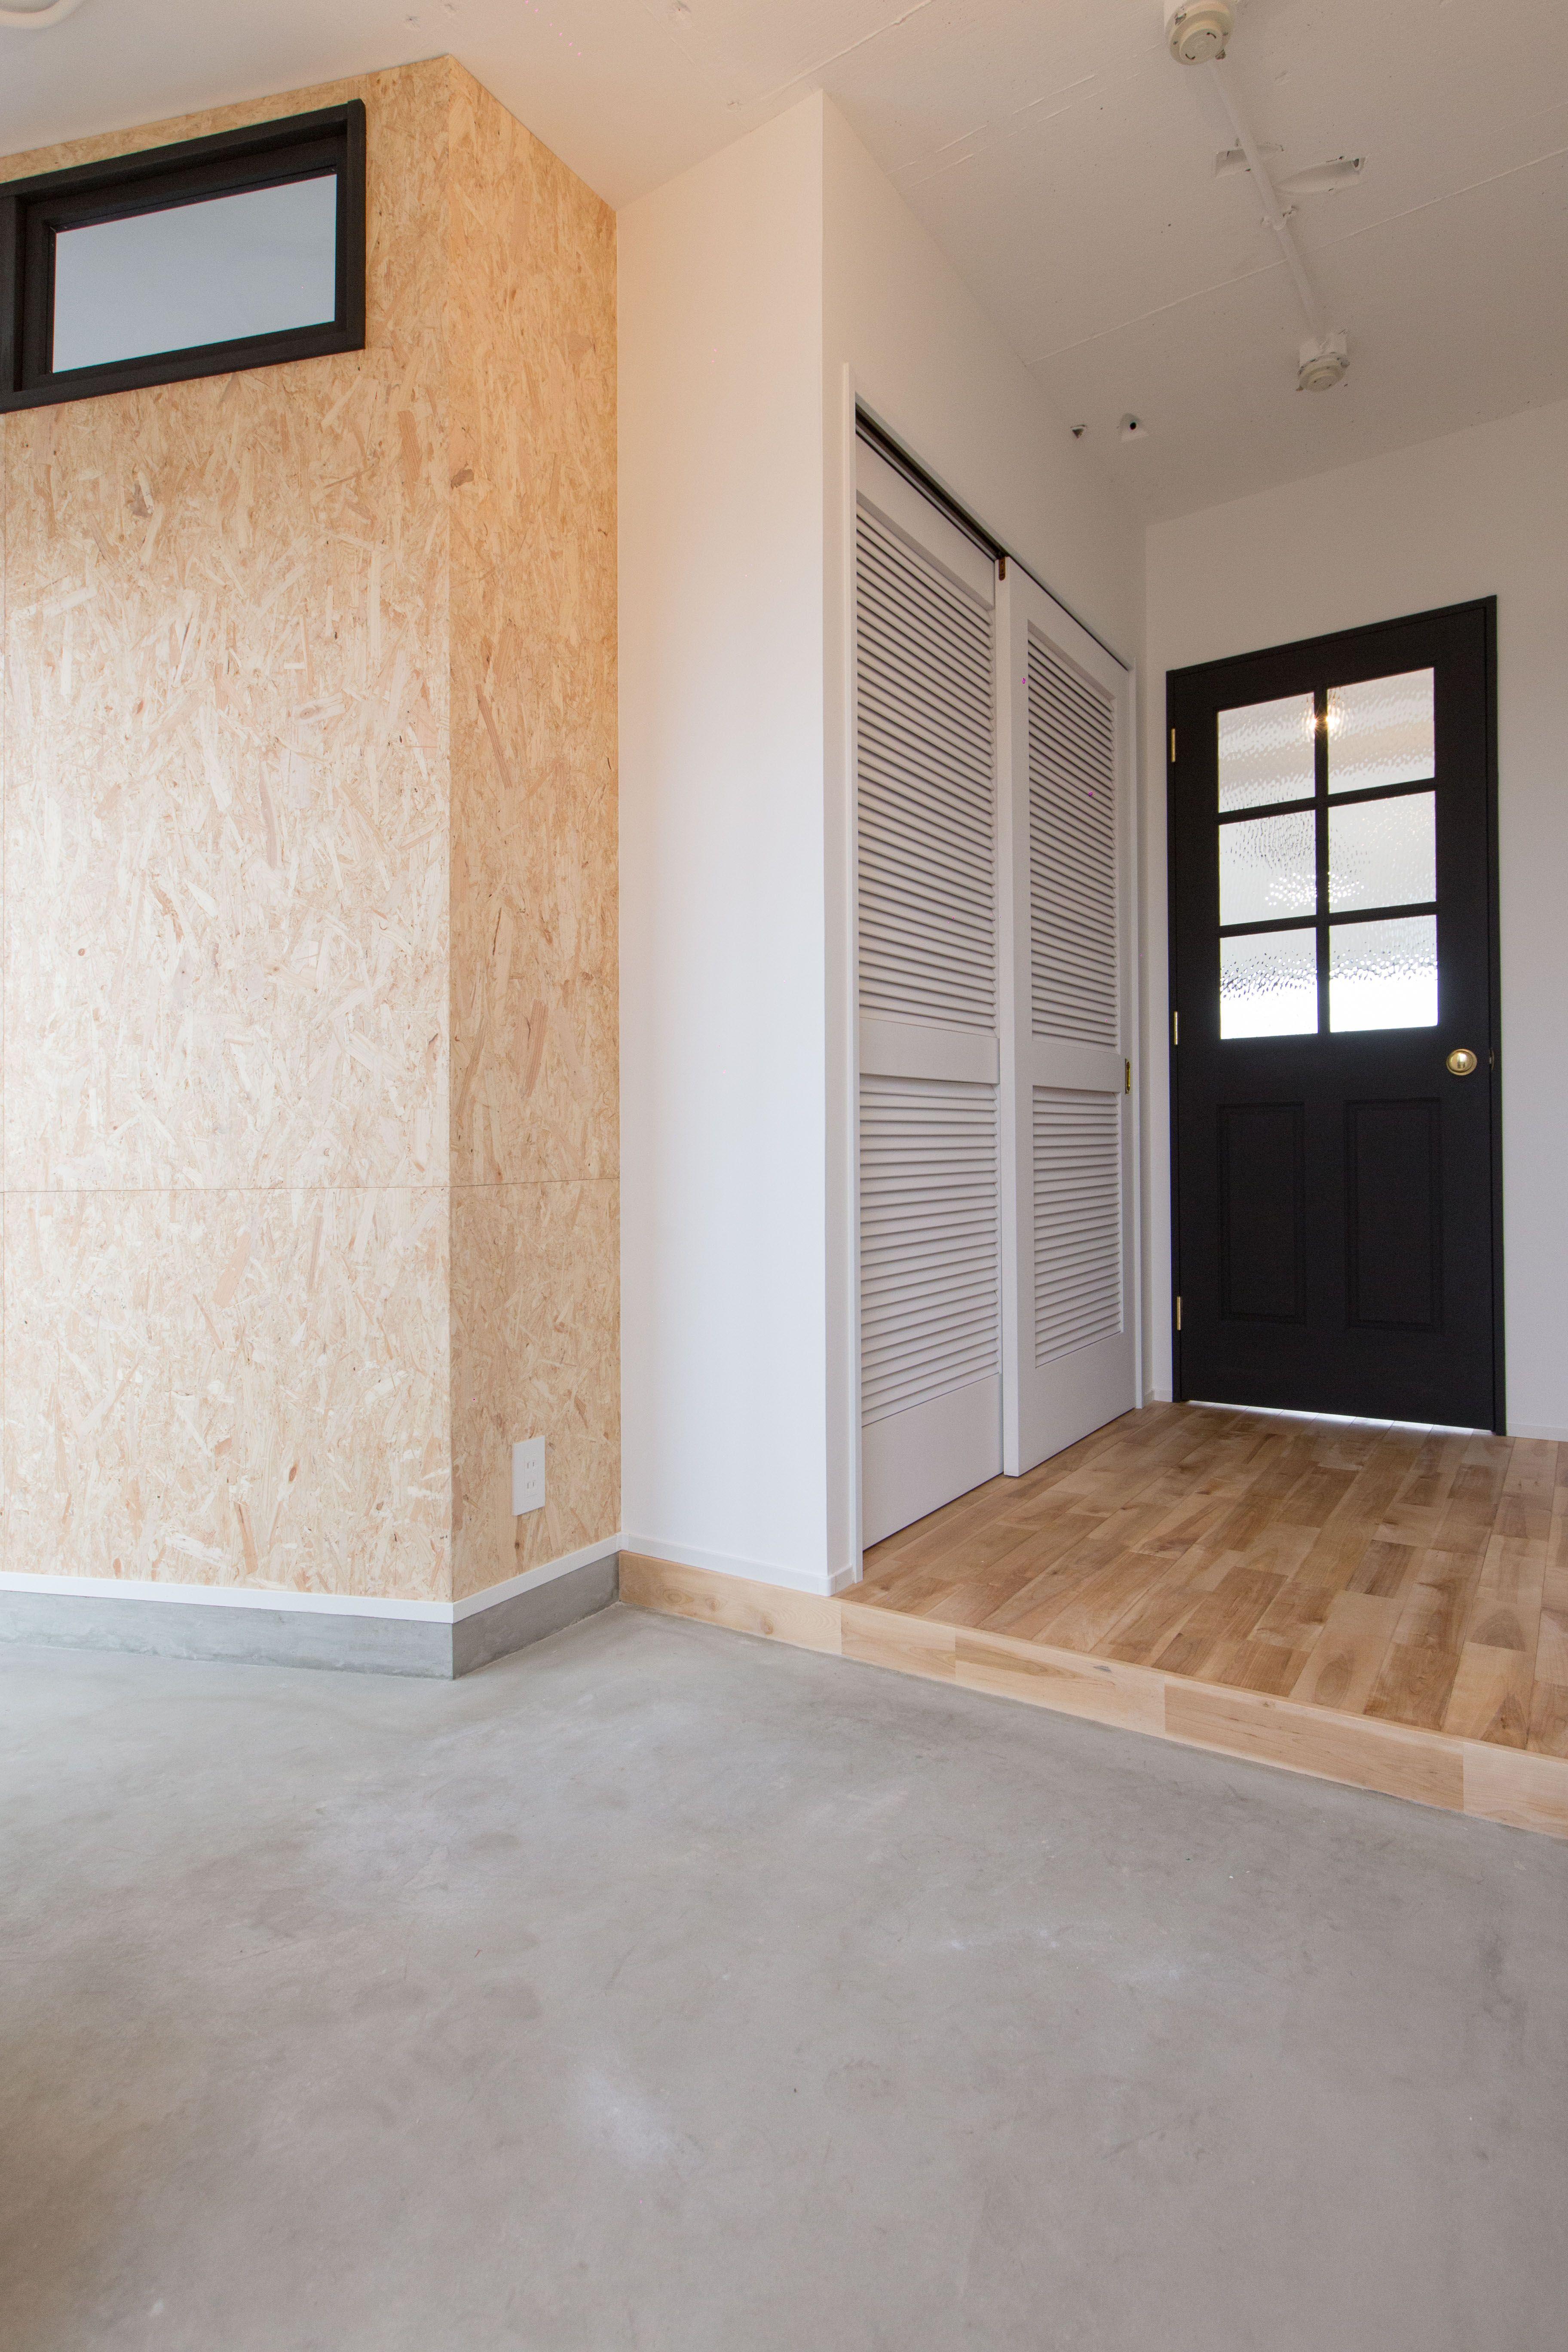 アメリカン風の玄関になっています 土間の色合いと黒い扉と室内窓が